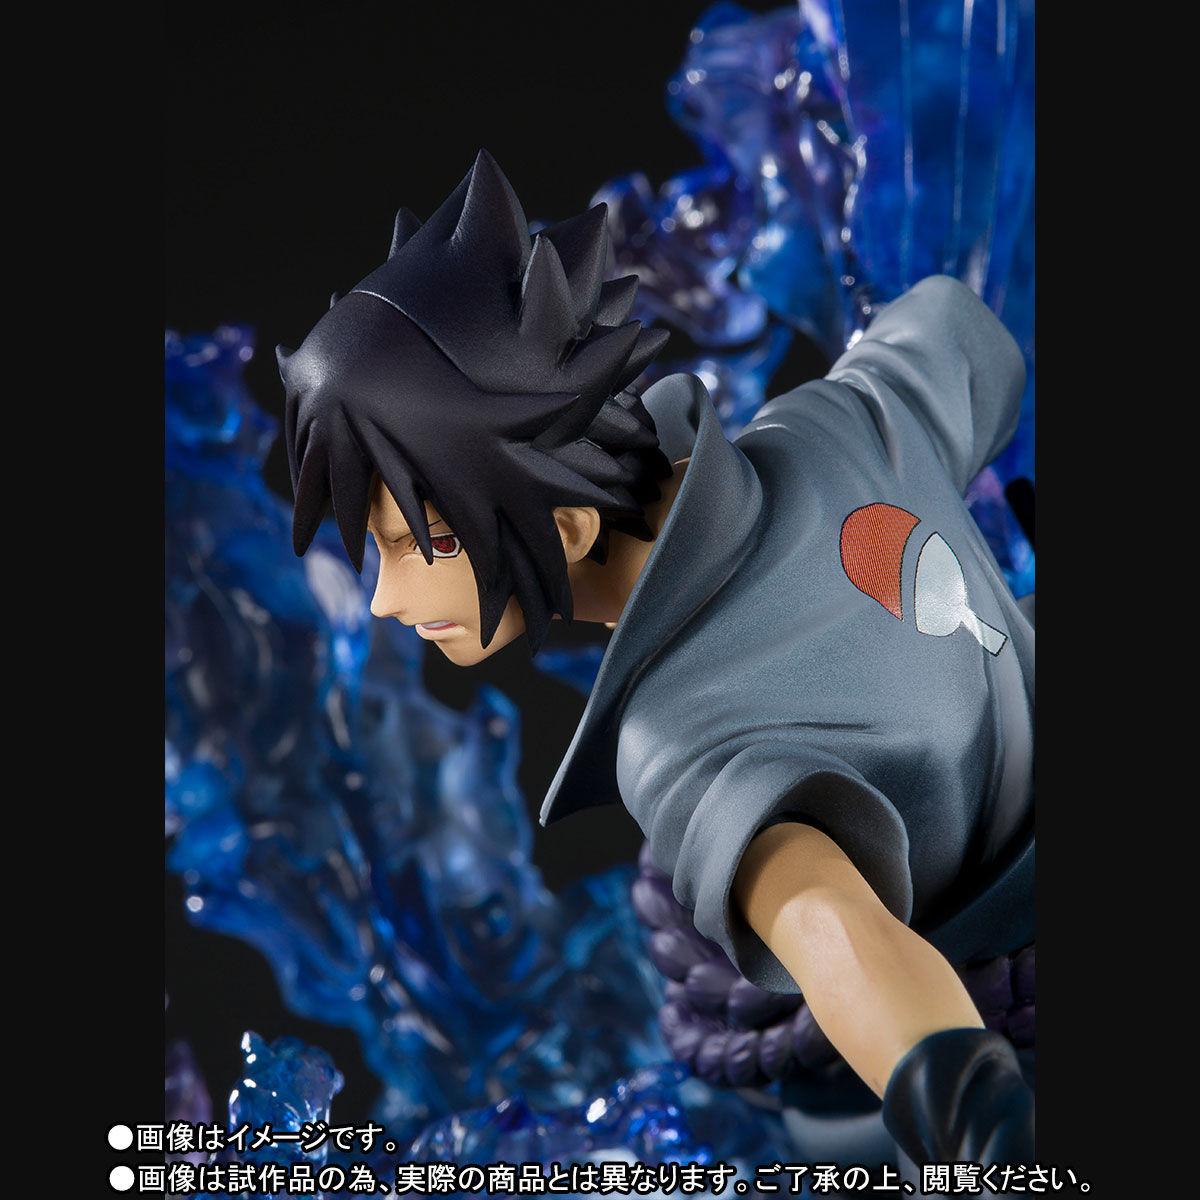 Link a Sasuke_F0_Bandai (3)